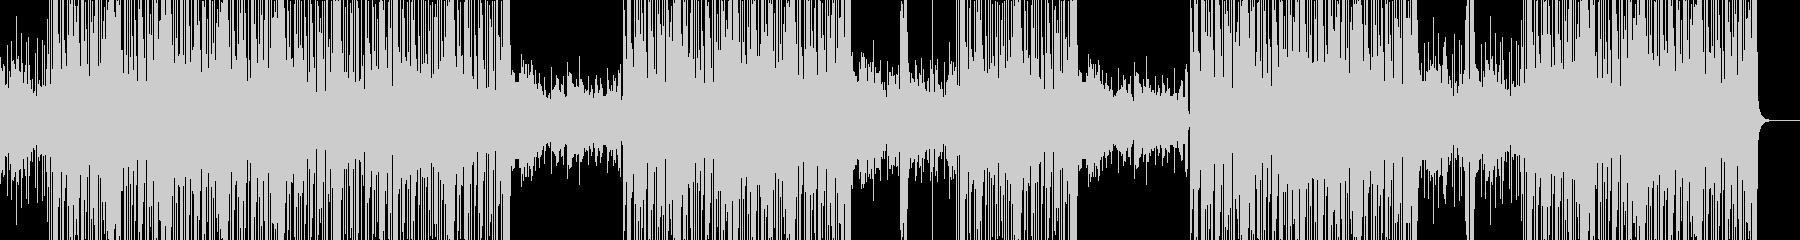 カッコいいビートのHIPHOP/BGMの未再生の波形